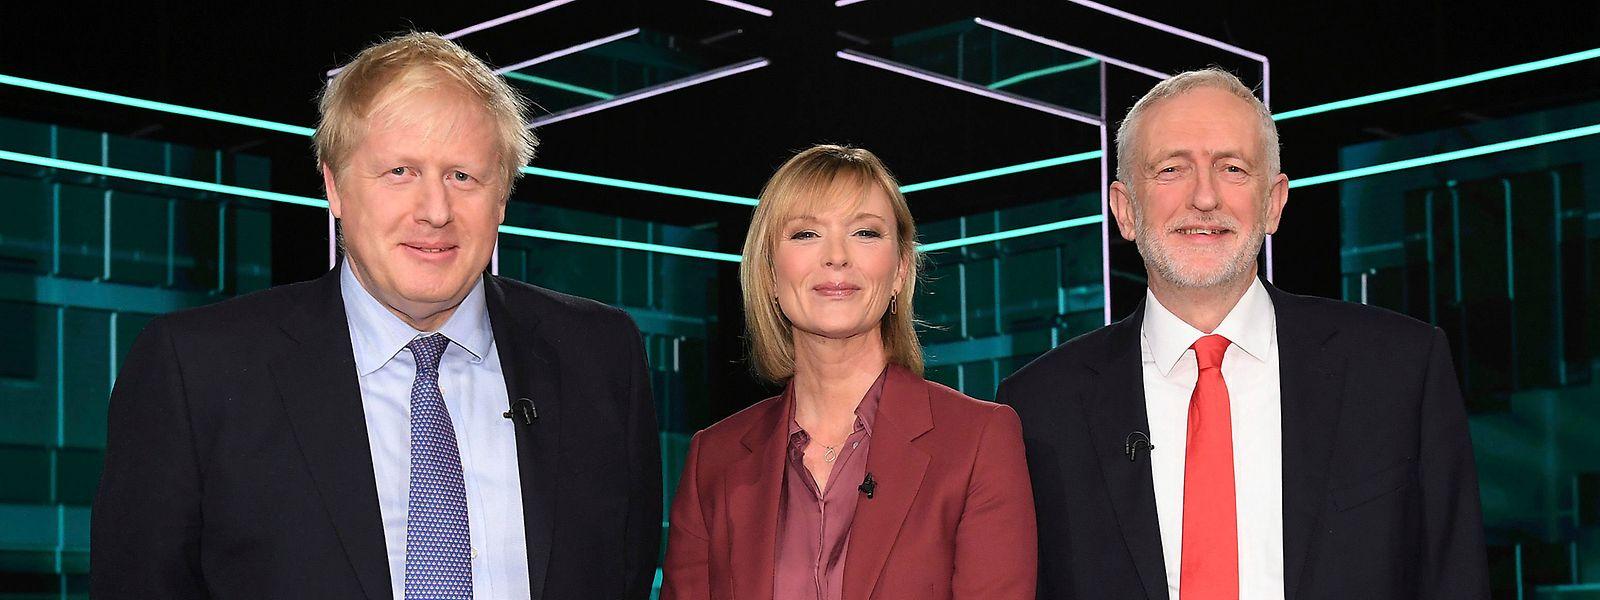 Auf diesem vom ITV herausgegebenen Foto, stehen Boris Johnson (l), Premierminister von Großbritannien, und Jeremy Corbyn, Vorsitzender der Labour Partei in Großbritannien, neben der Richterin Julie Etchingham, vor dem im Fernsehen live übertragenen, im Rahmen des Wahlkampfs stattfindenden TV-Duell zusammen.